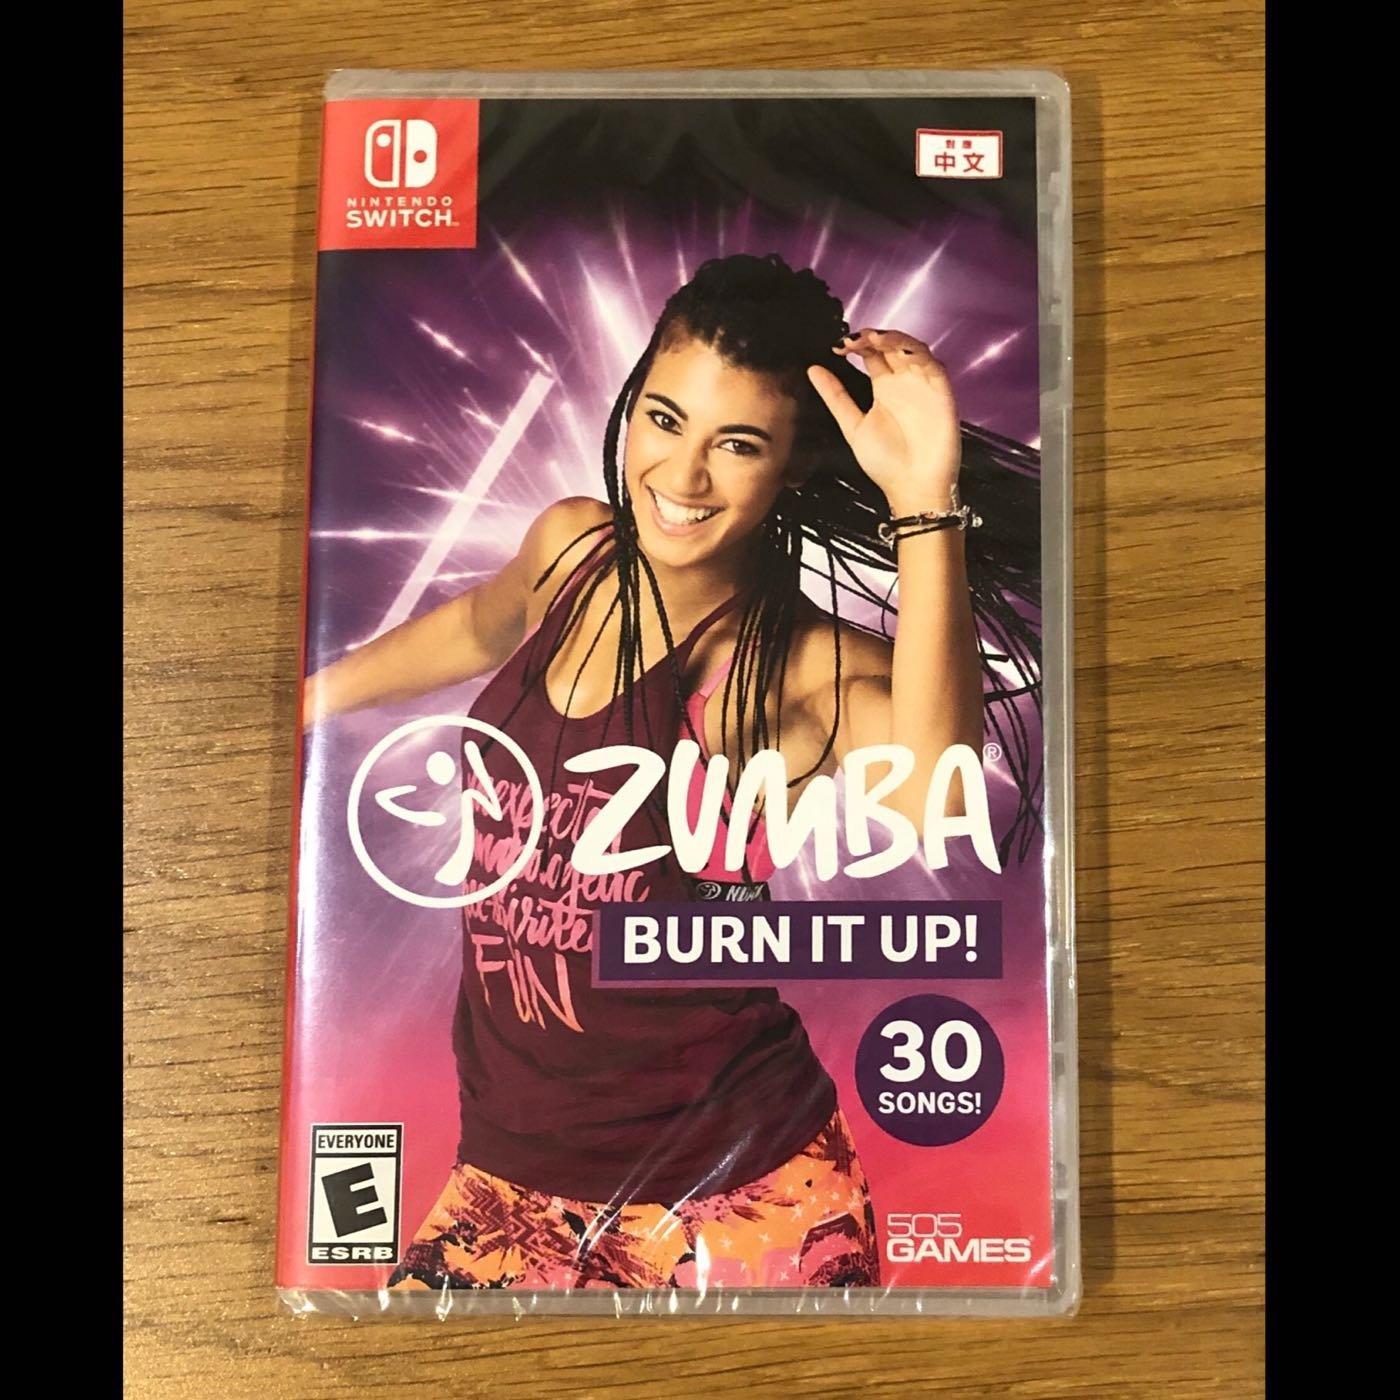 [BoBo Toy]  現貨 NS Switch Zumba Burn It Up! 倫巴 尊巴 健身 中文版